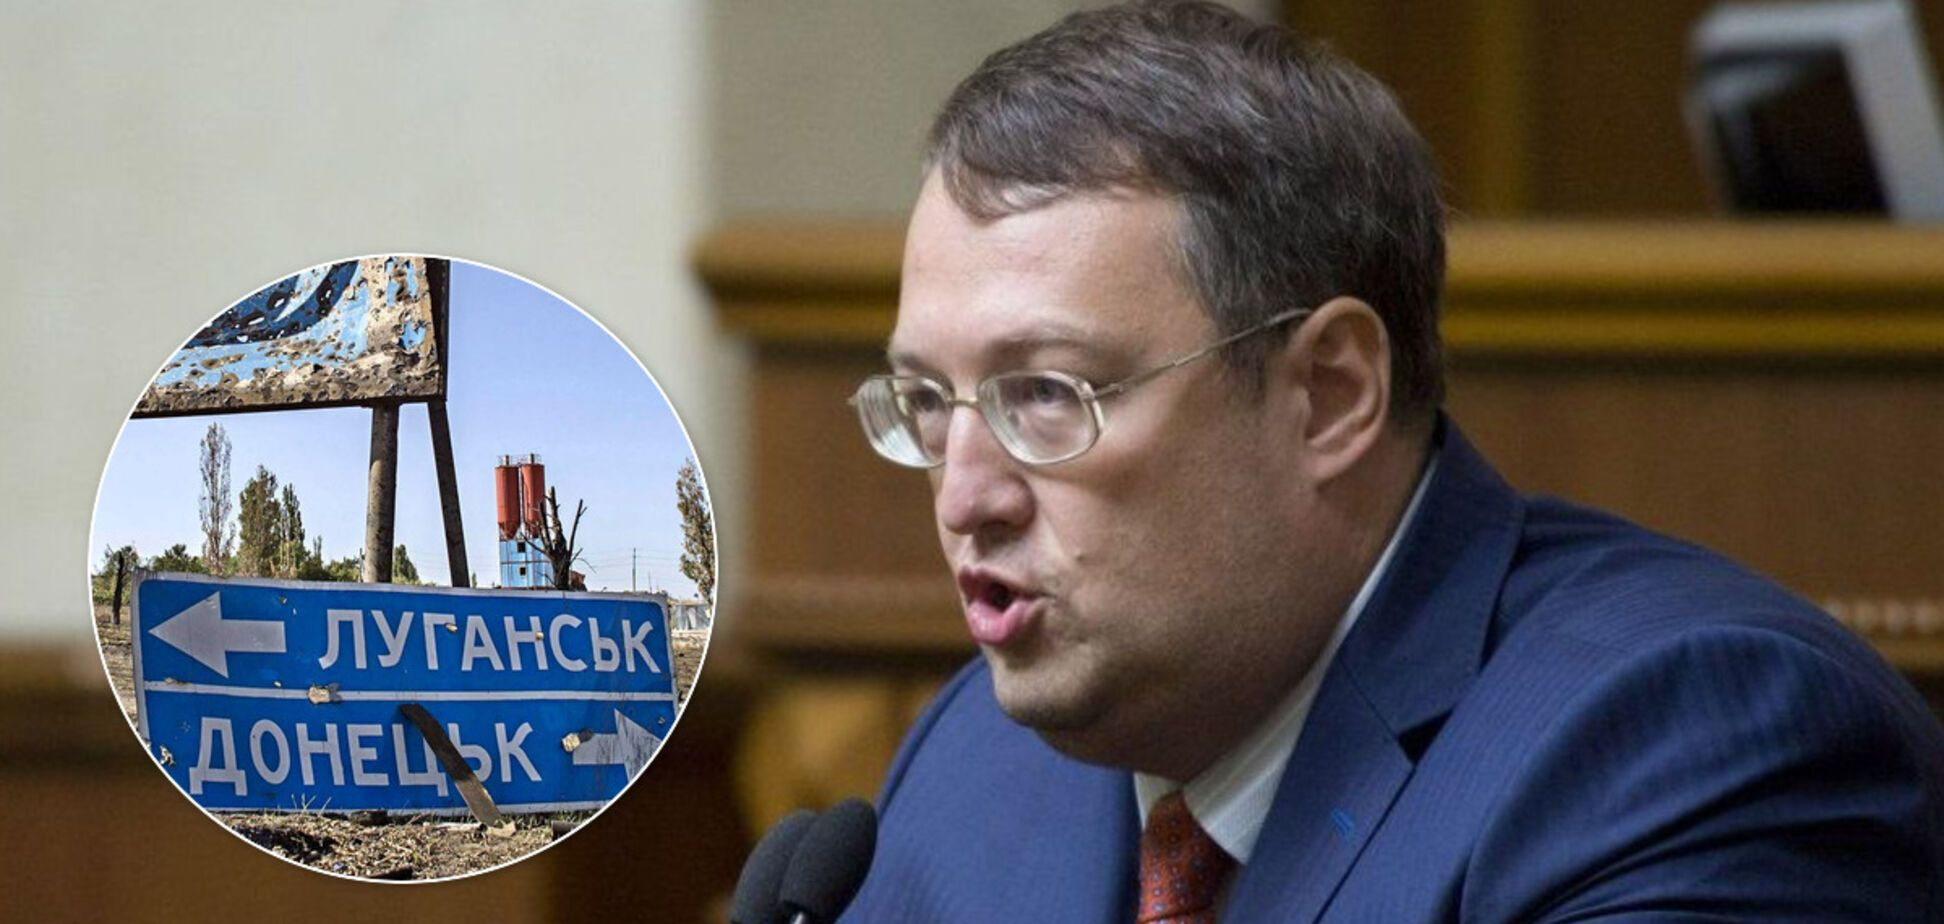 'Придется защищать флаг': Геращенко озвучил условия проведения выборов на Донбассе